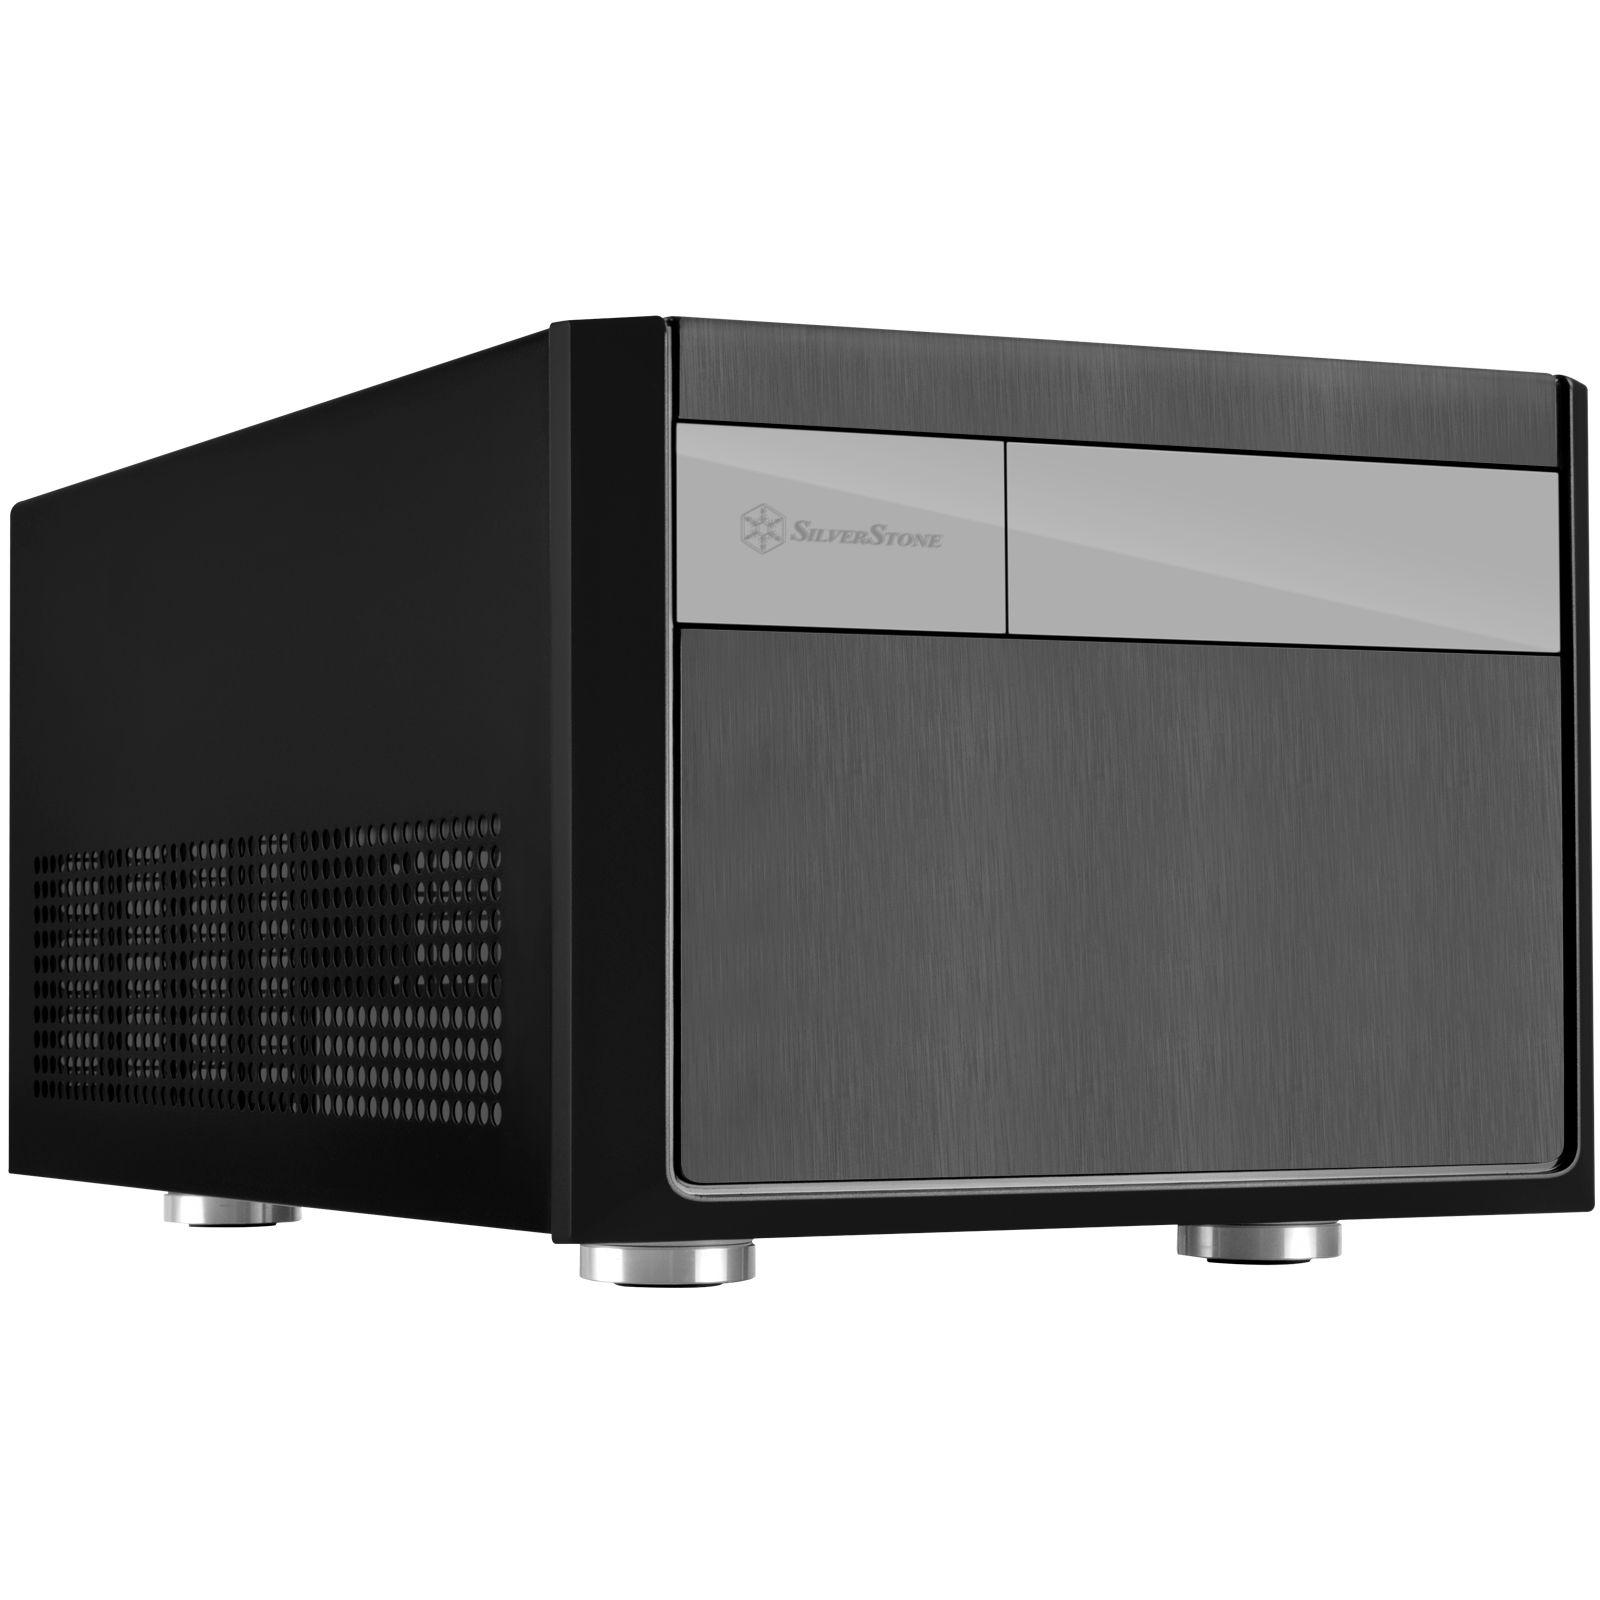 SILVERSTONE SUGO SG11B USB3.0 CHASSIS - BLACK